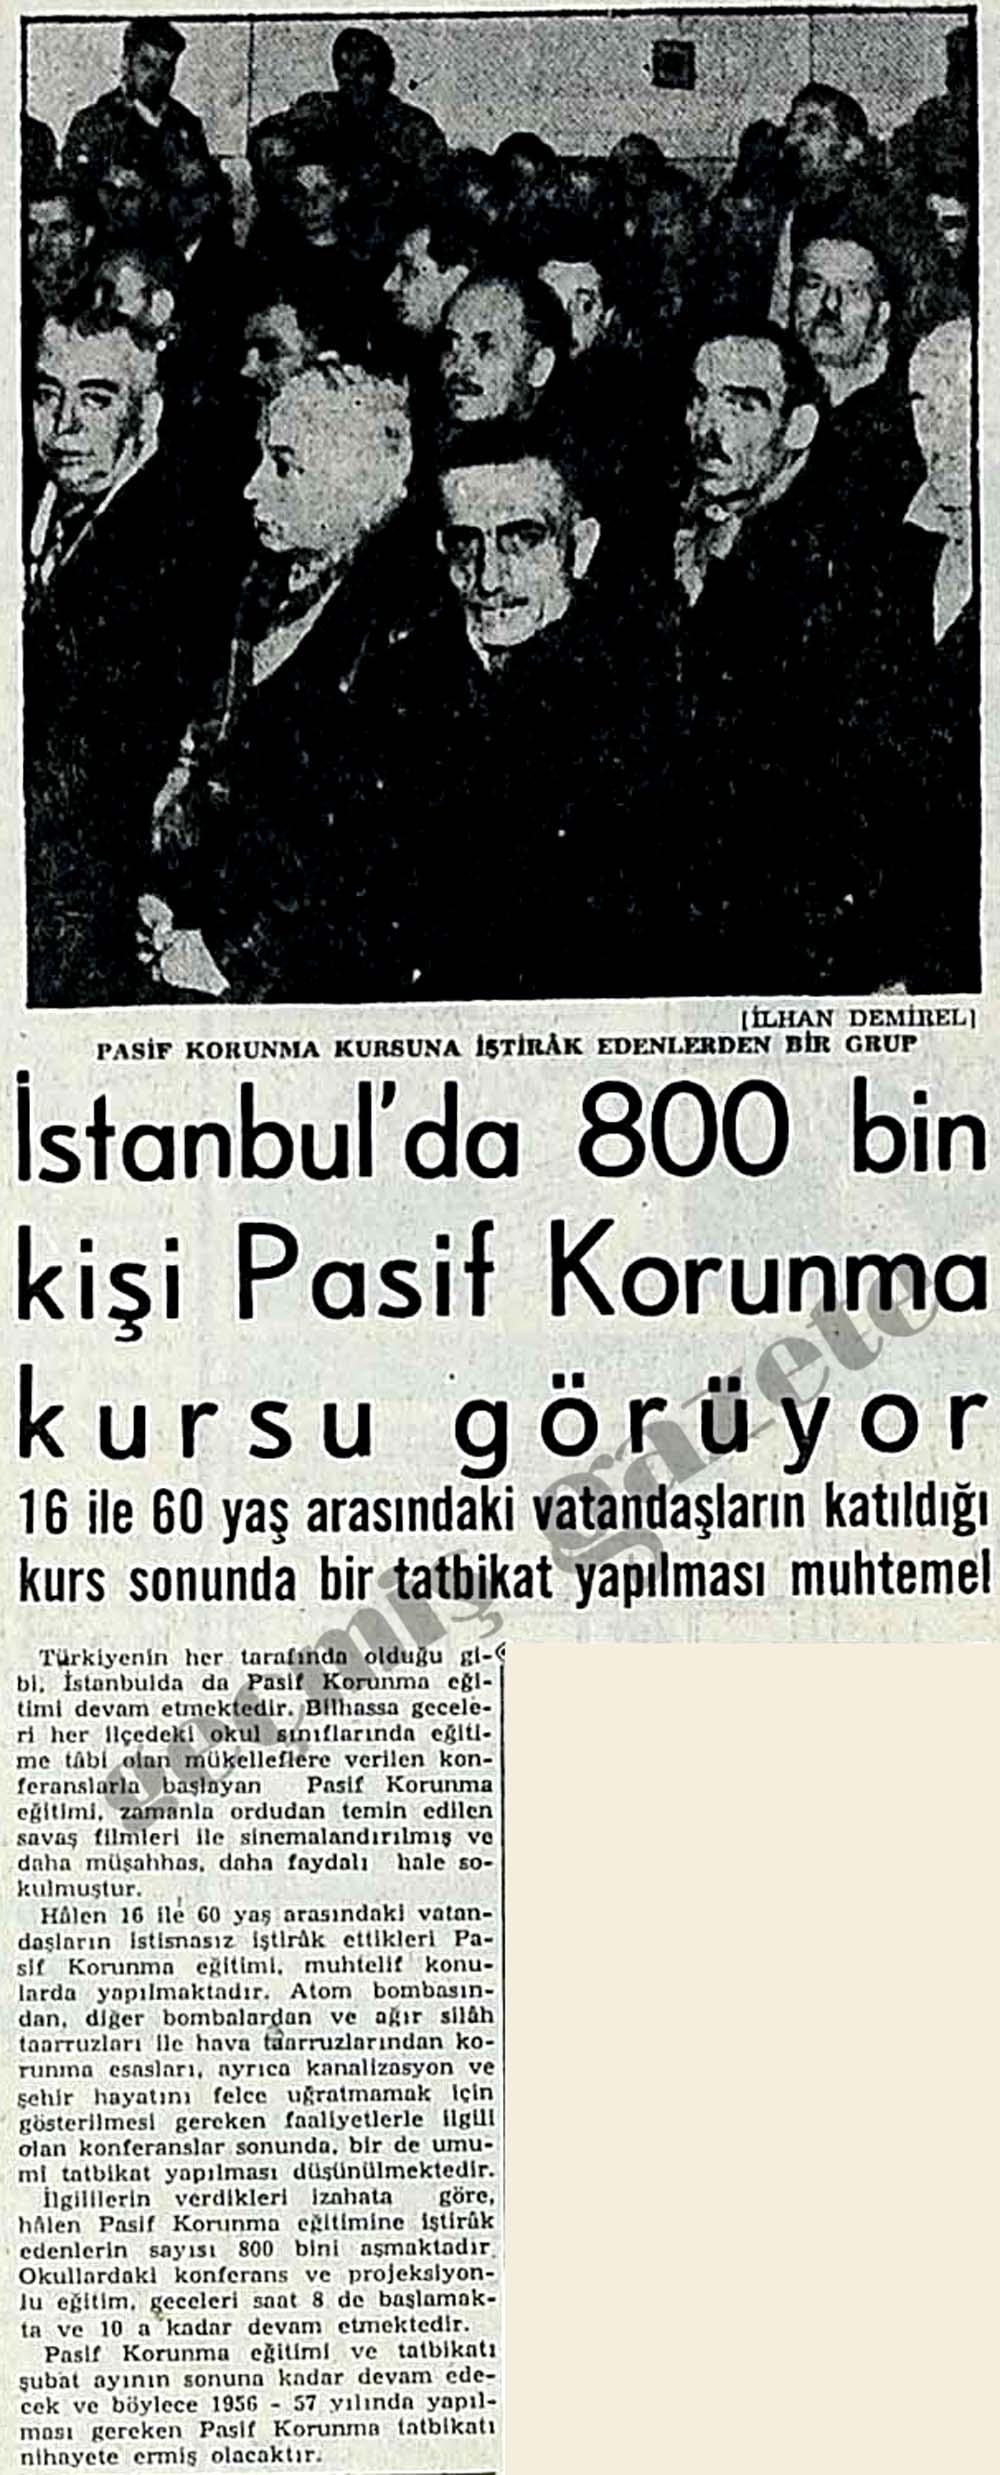 İstanbul'da 800 bin kişi Pasif Korunma kursu görüyor